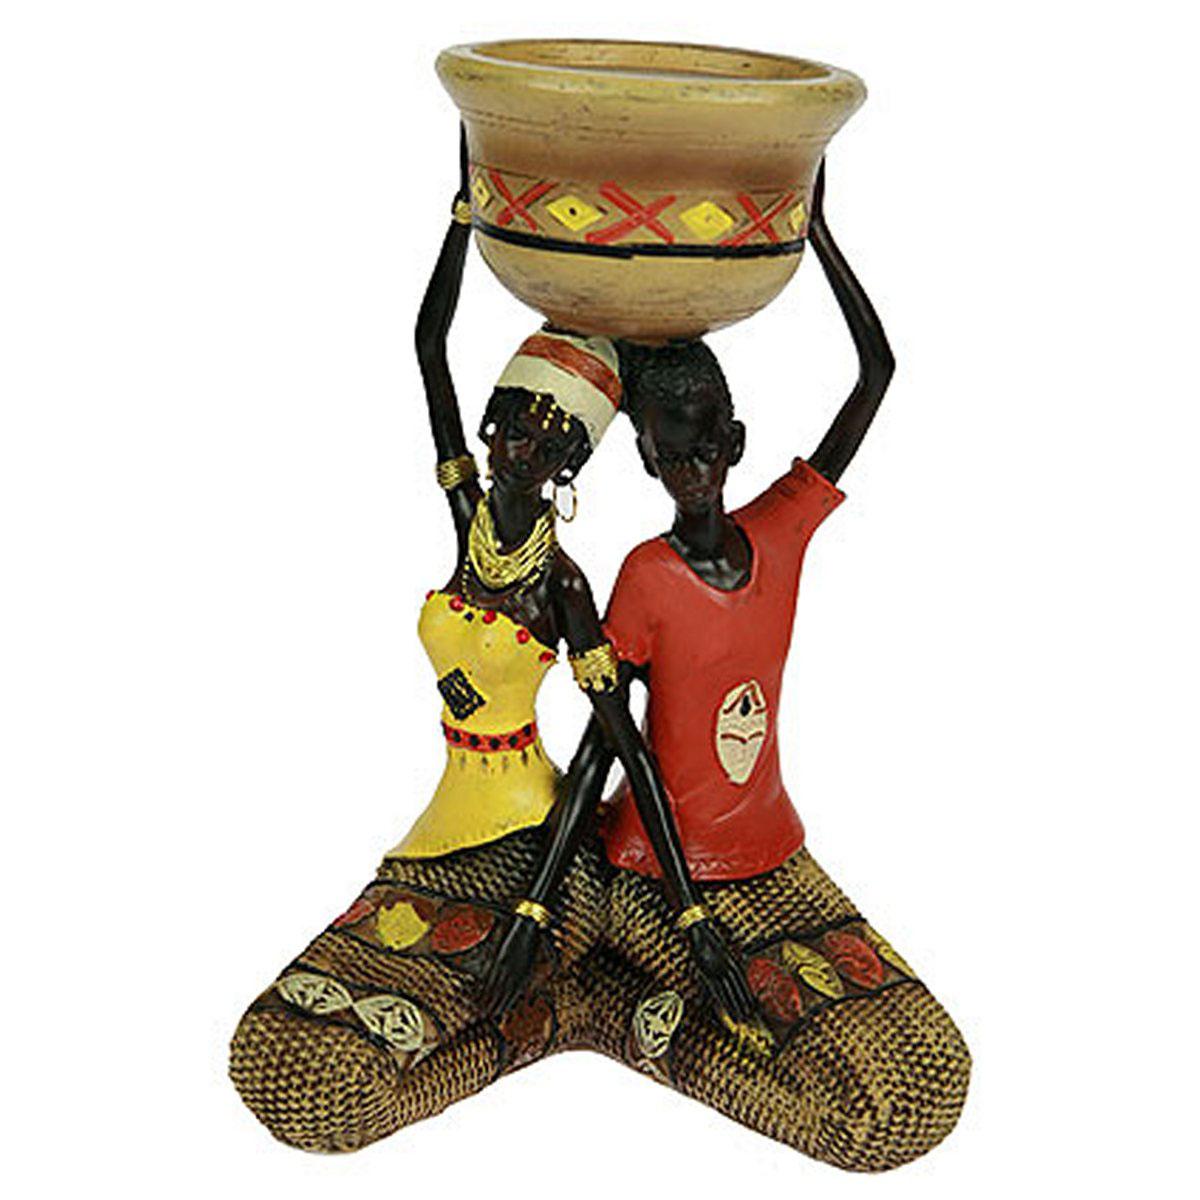 Статуэтка Русские Подарки Африканка, 16 х 12 х 23 см. 2613726137Статуэтка Русские Подарки Африканка, изготовленная из полистоуна, имеет изысканный внешний вид. Изделие станет прекрасным украшением интерьера гостиной, офиса или дома. Вы можете поставить статуэтку в любое место, где она будет удачно смотреться и радовать глаз. Правила ухода: регулярно вытирать пыль сухой, мягкой тканью.